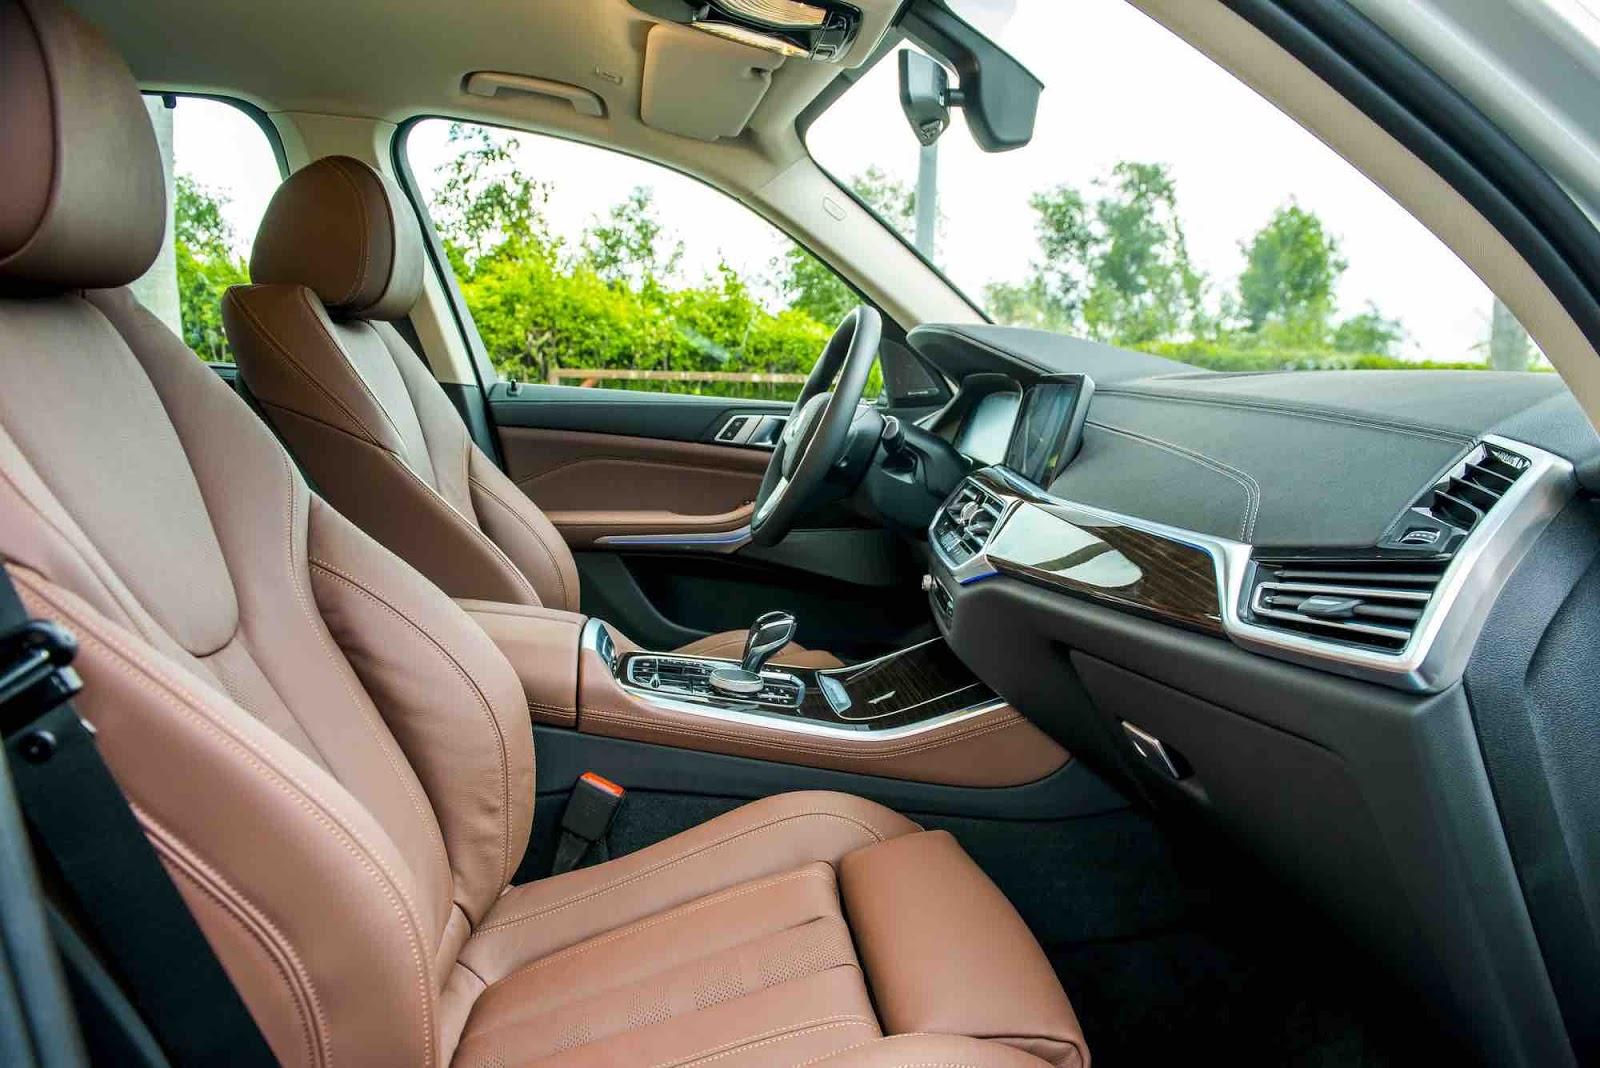 Xe 7 Chỗ BMW X5 Đời 2020 Giá Và Thông Số Kỹ Thuật - nội thất màu nâu da bò